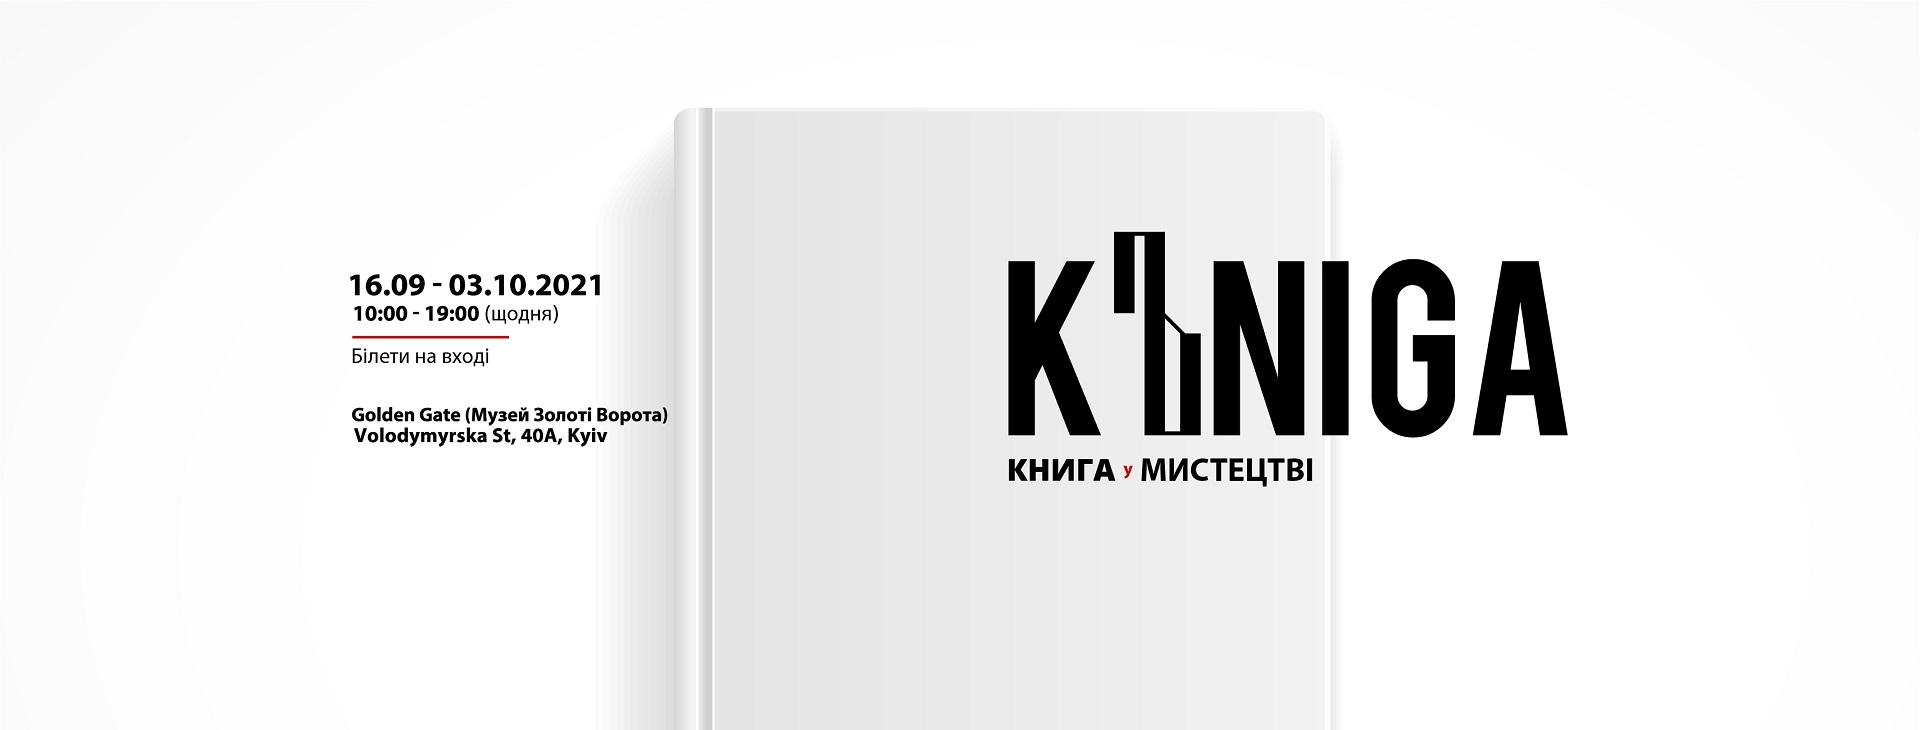 «K'niga» як арт-об'єкт: В Києві покажуть роботи українських художників про любов до читання і книги-Фото 1